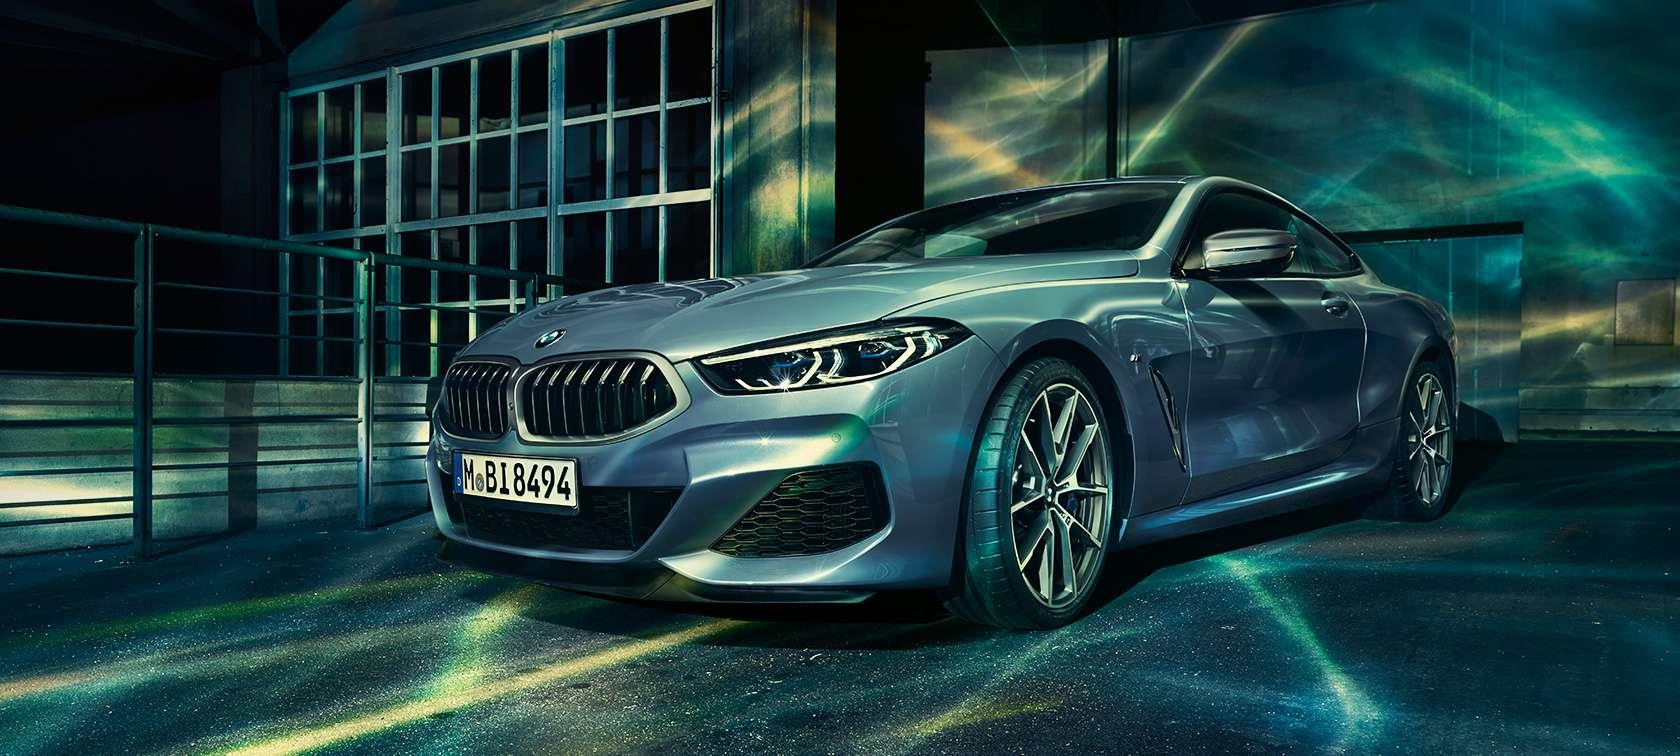 Yeni BMW 8 Serisi Coupé